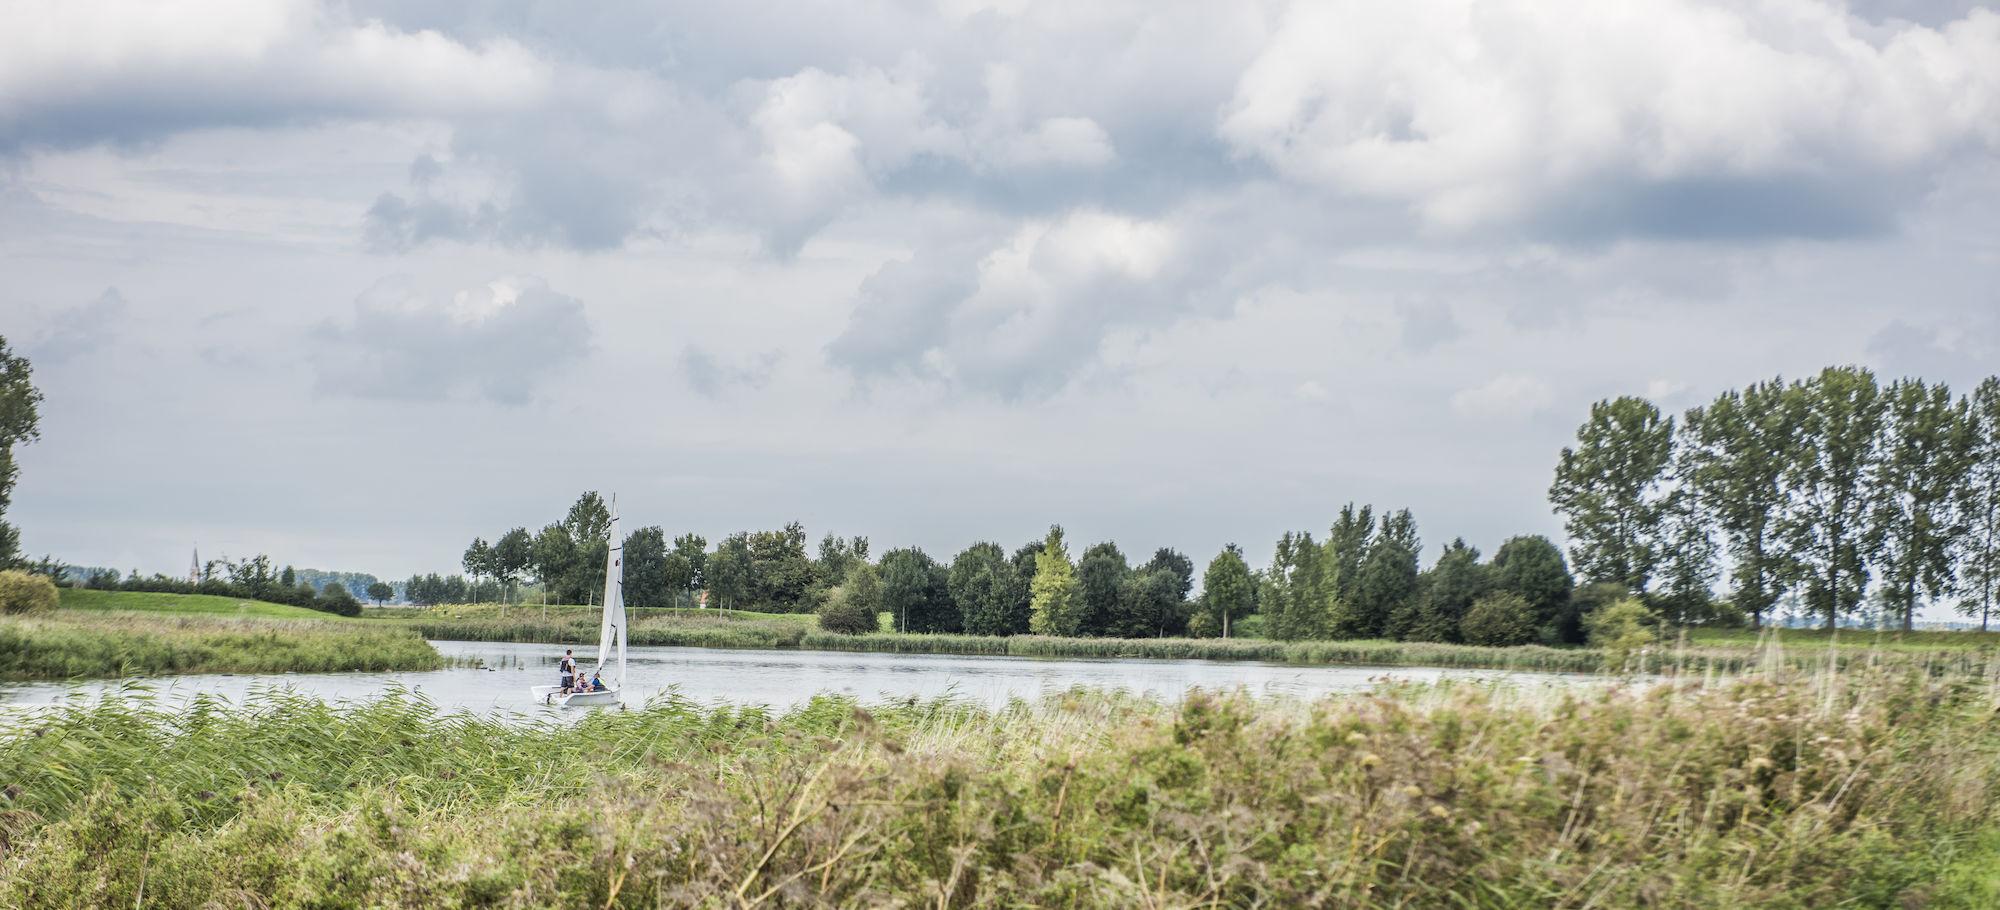 170917-boerekreek-opendeurdag-28.jpg